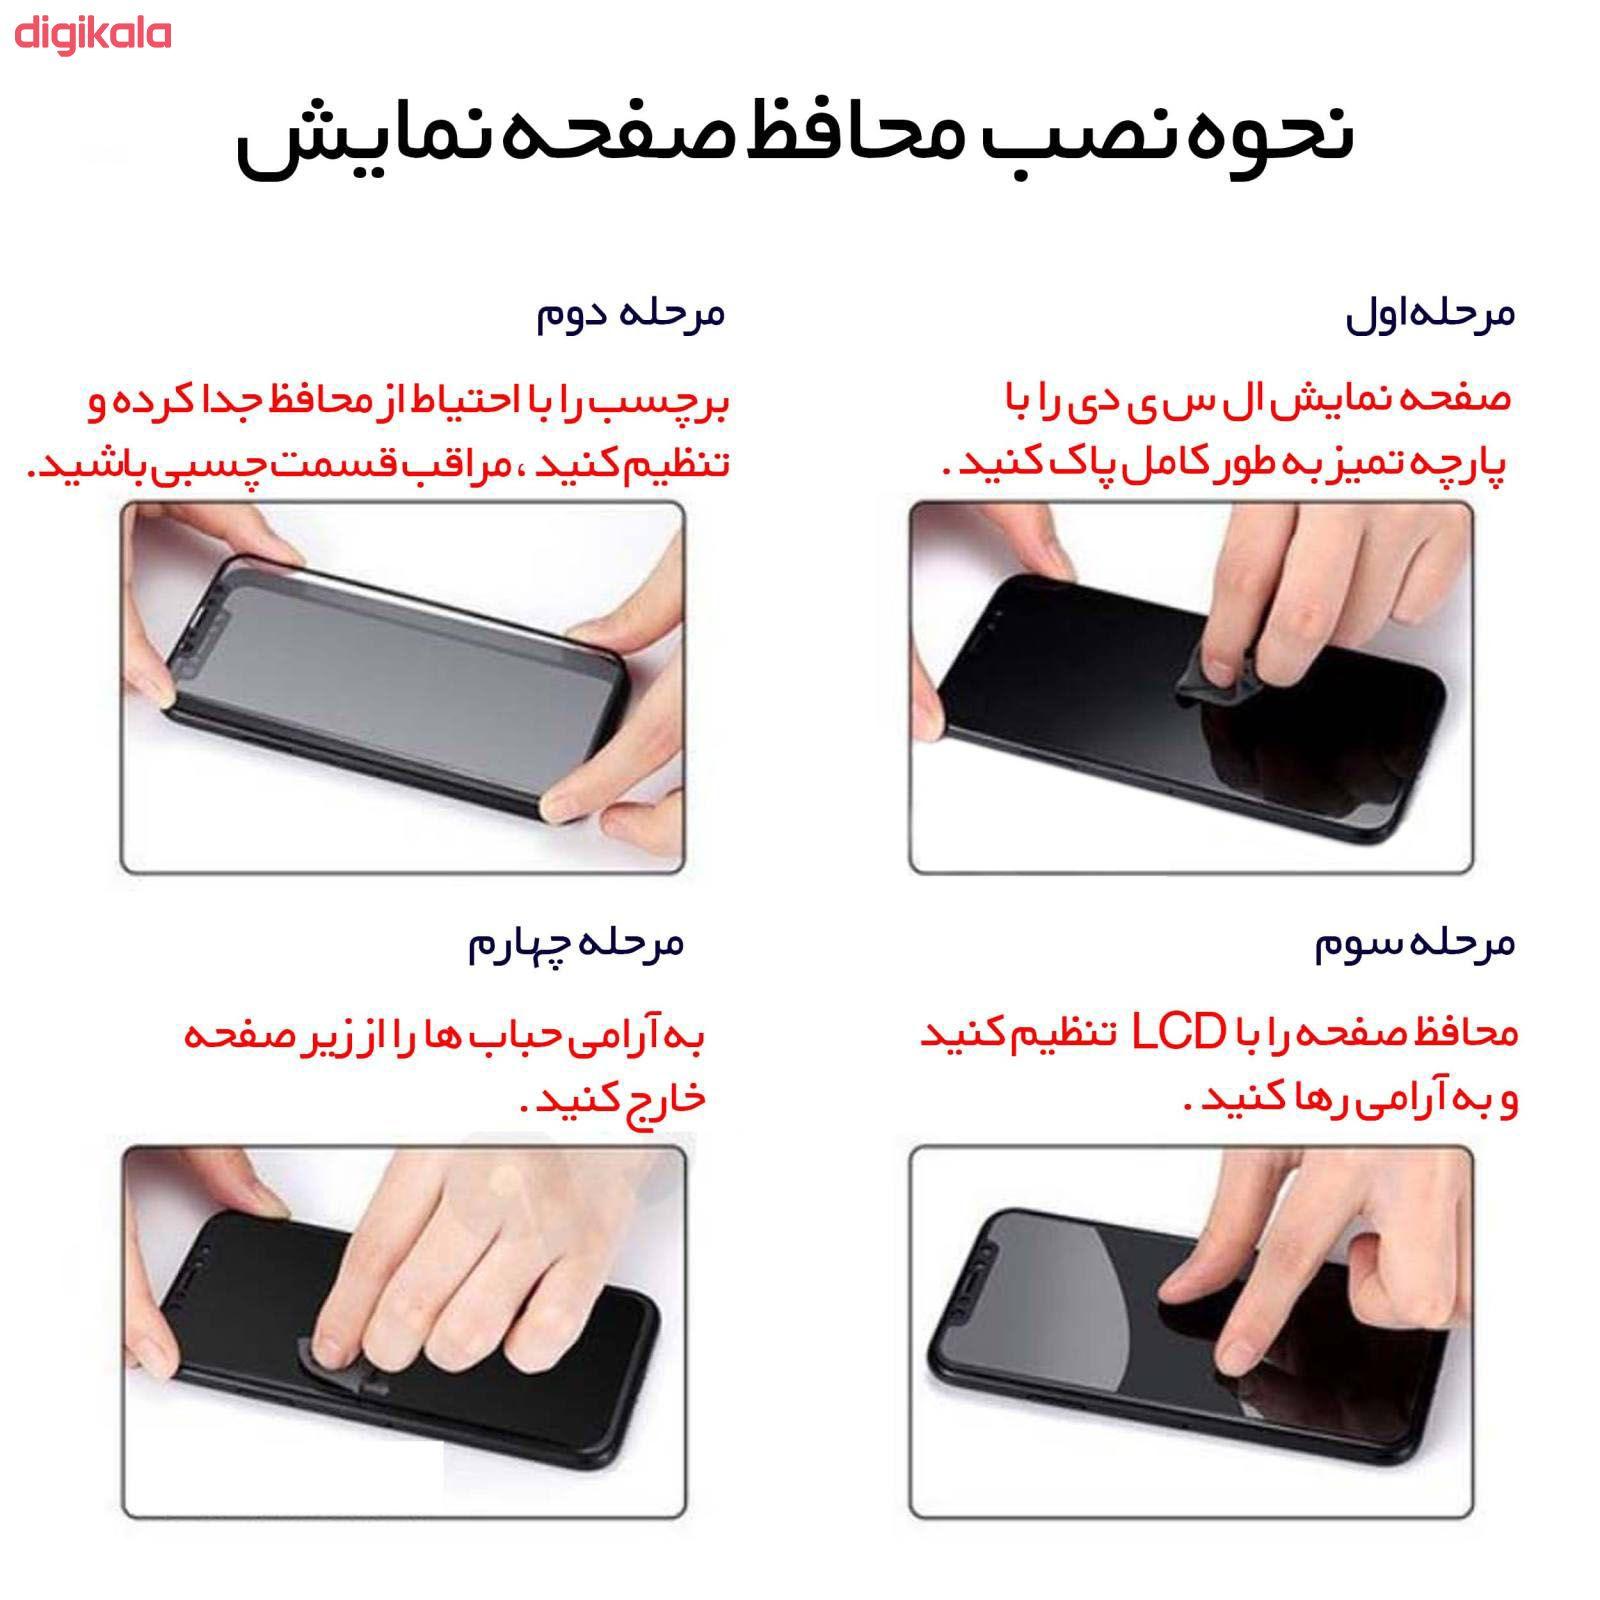 محافظ صفحه نمایش سرامیکی گوف مدل CER-CL مناسب برای گوشی موبایل سامسونگ Galaxy M30S main 1 3